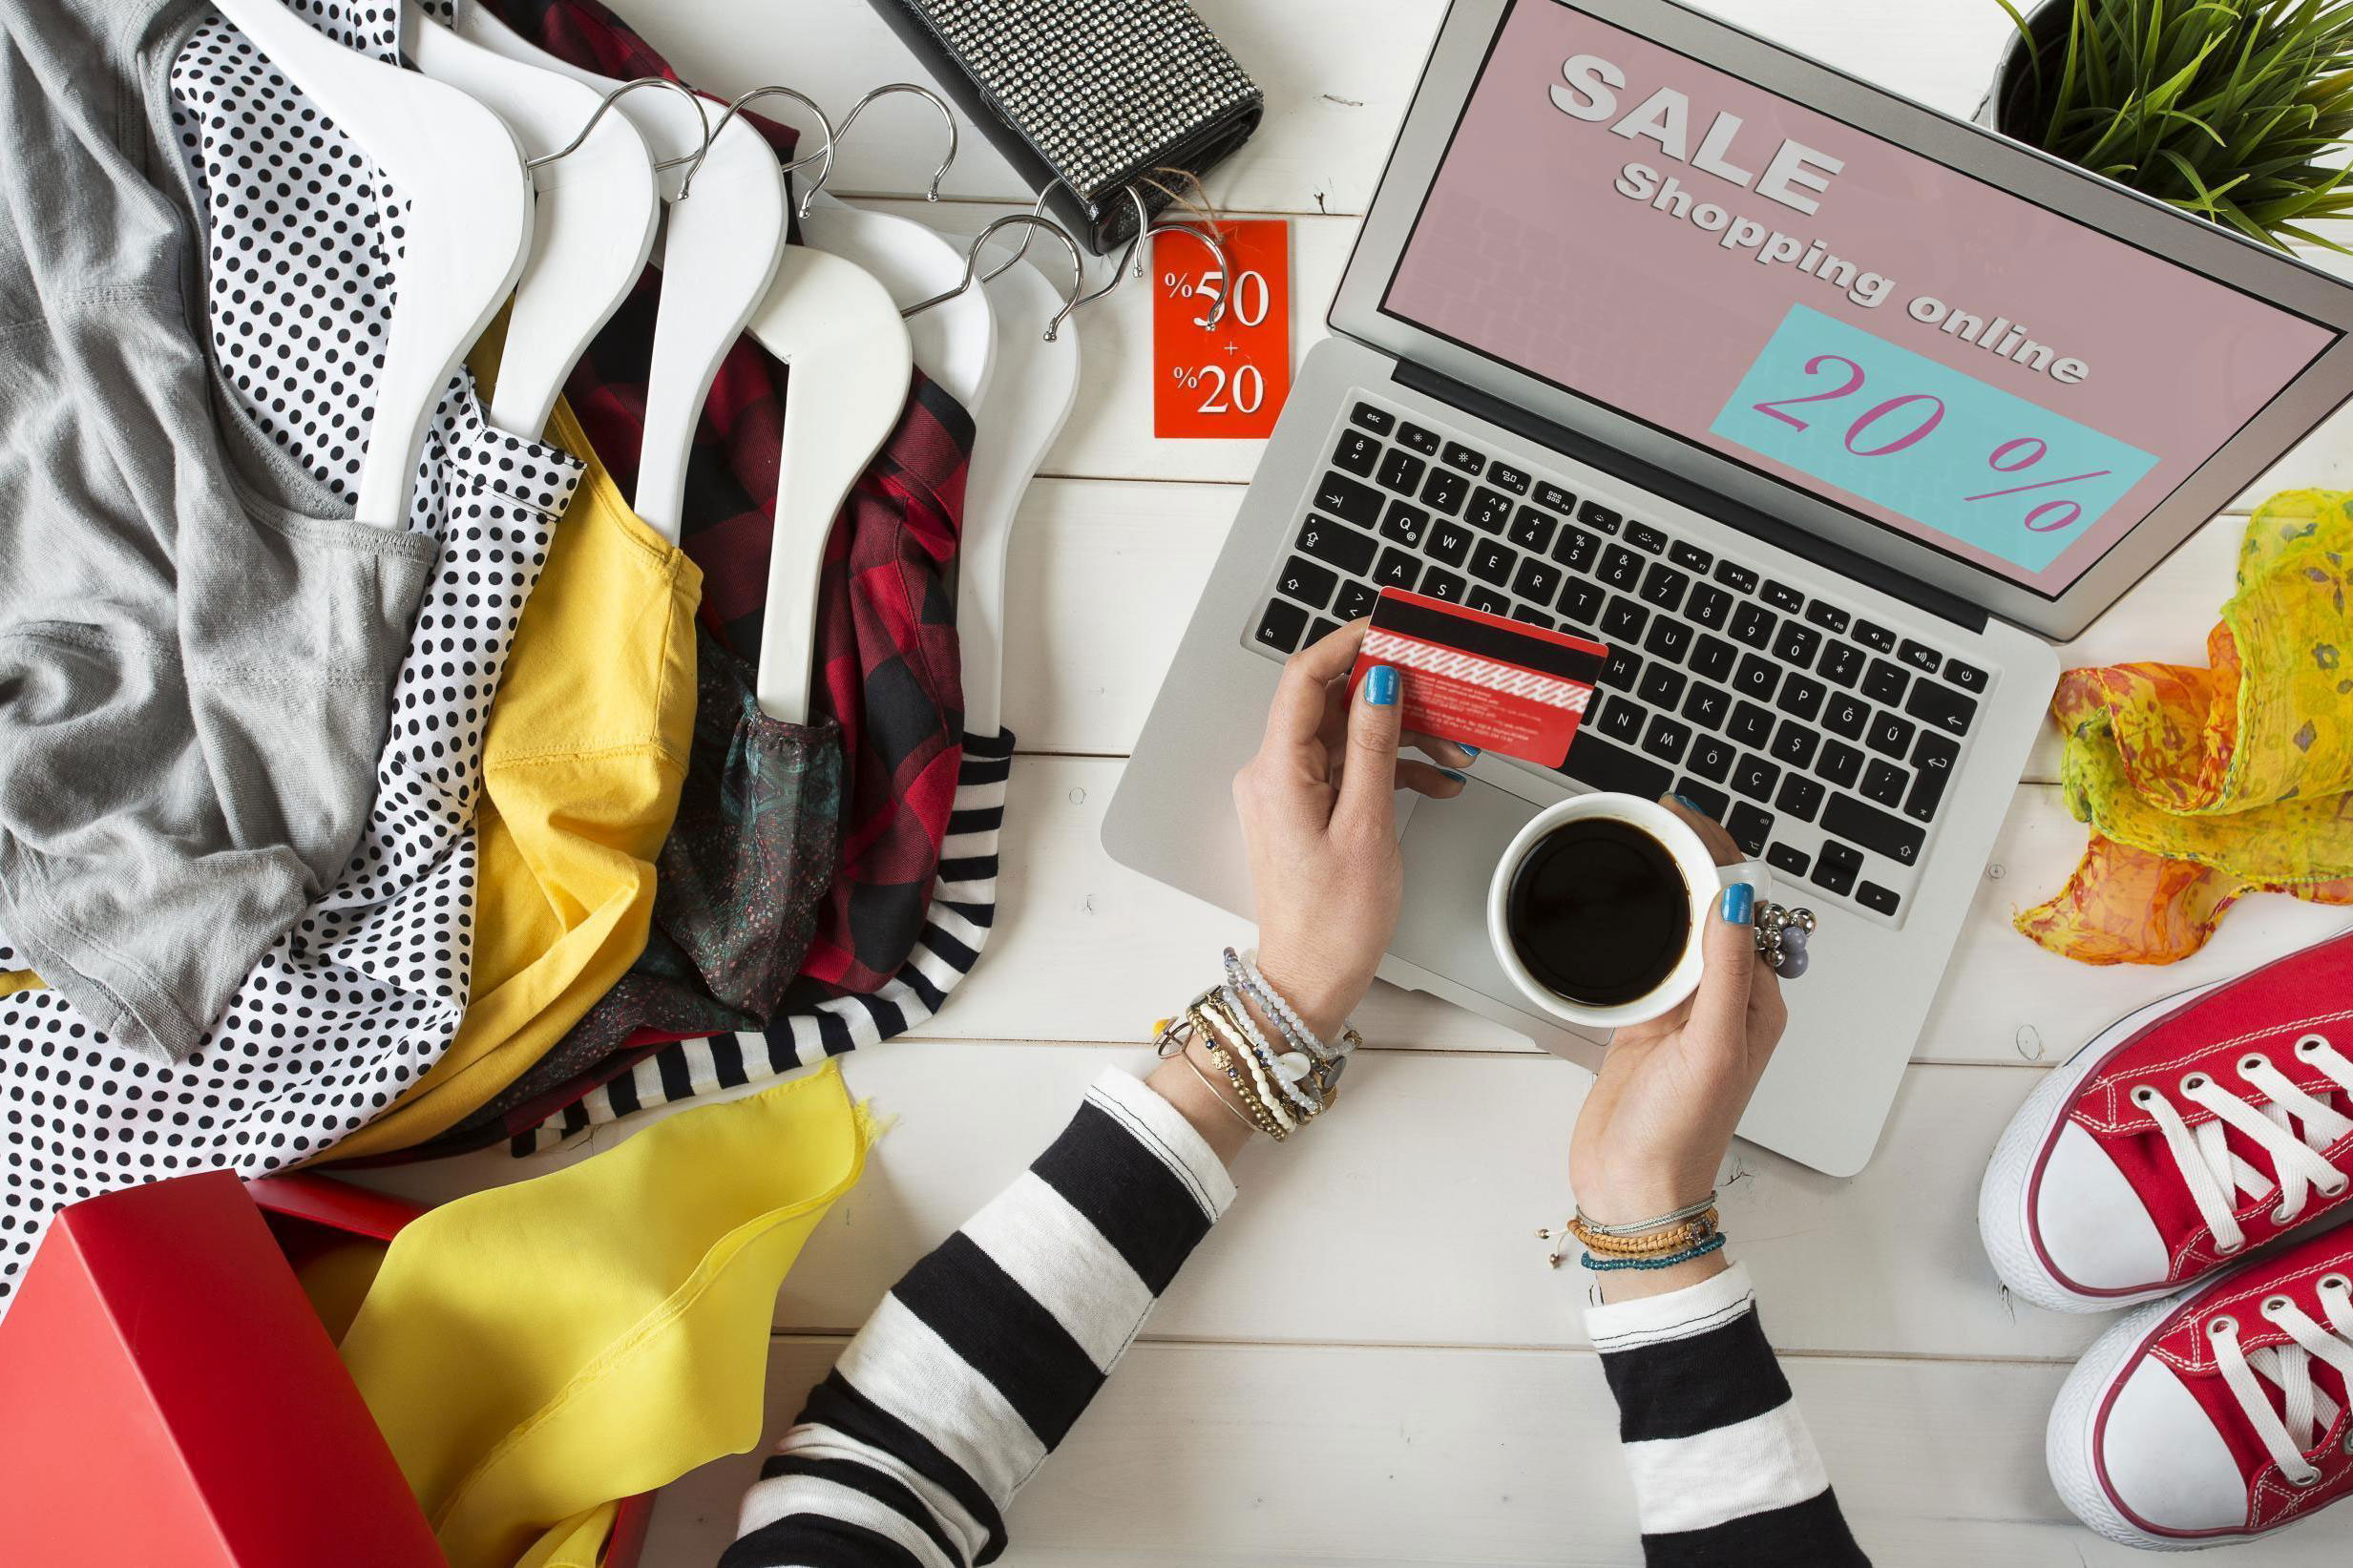 طراحی سایت-همه چیز درباره فروشگاه های اینترنتی اختصاصی